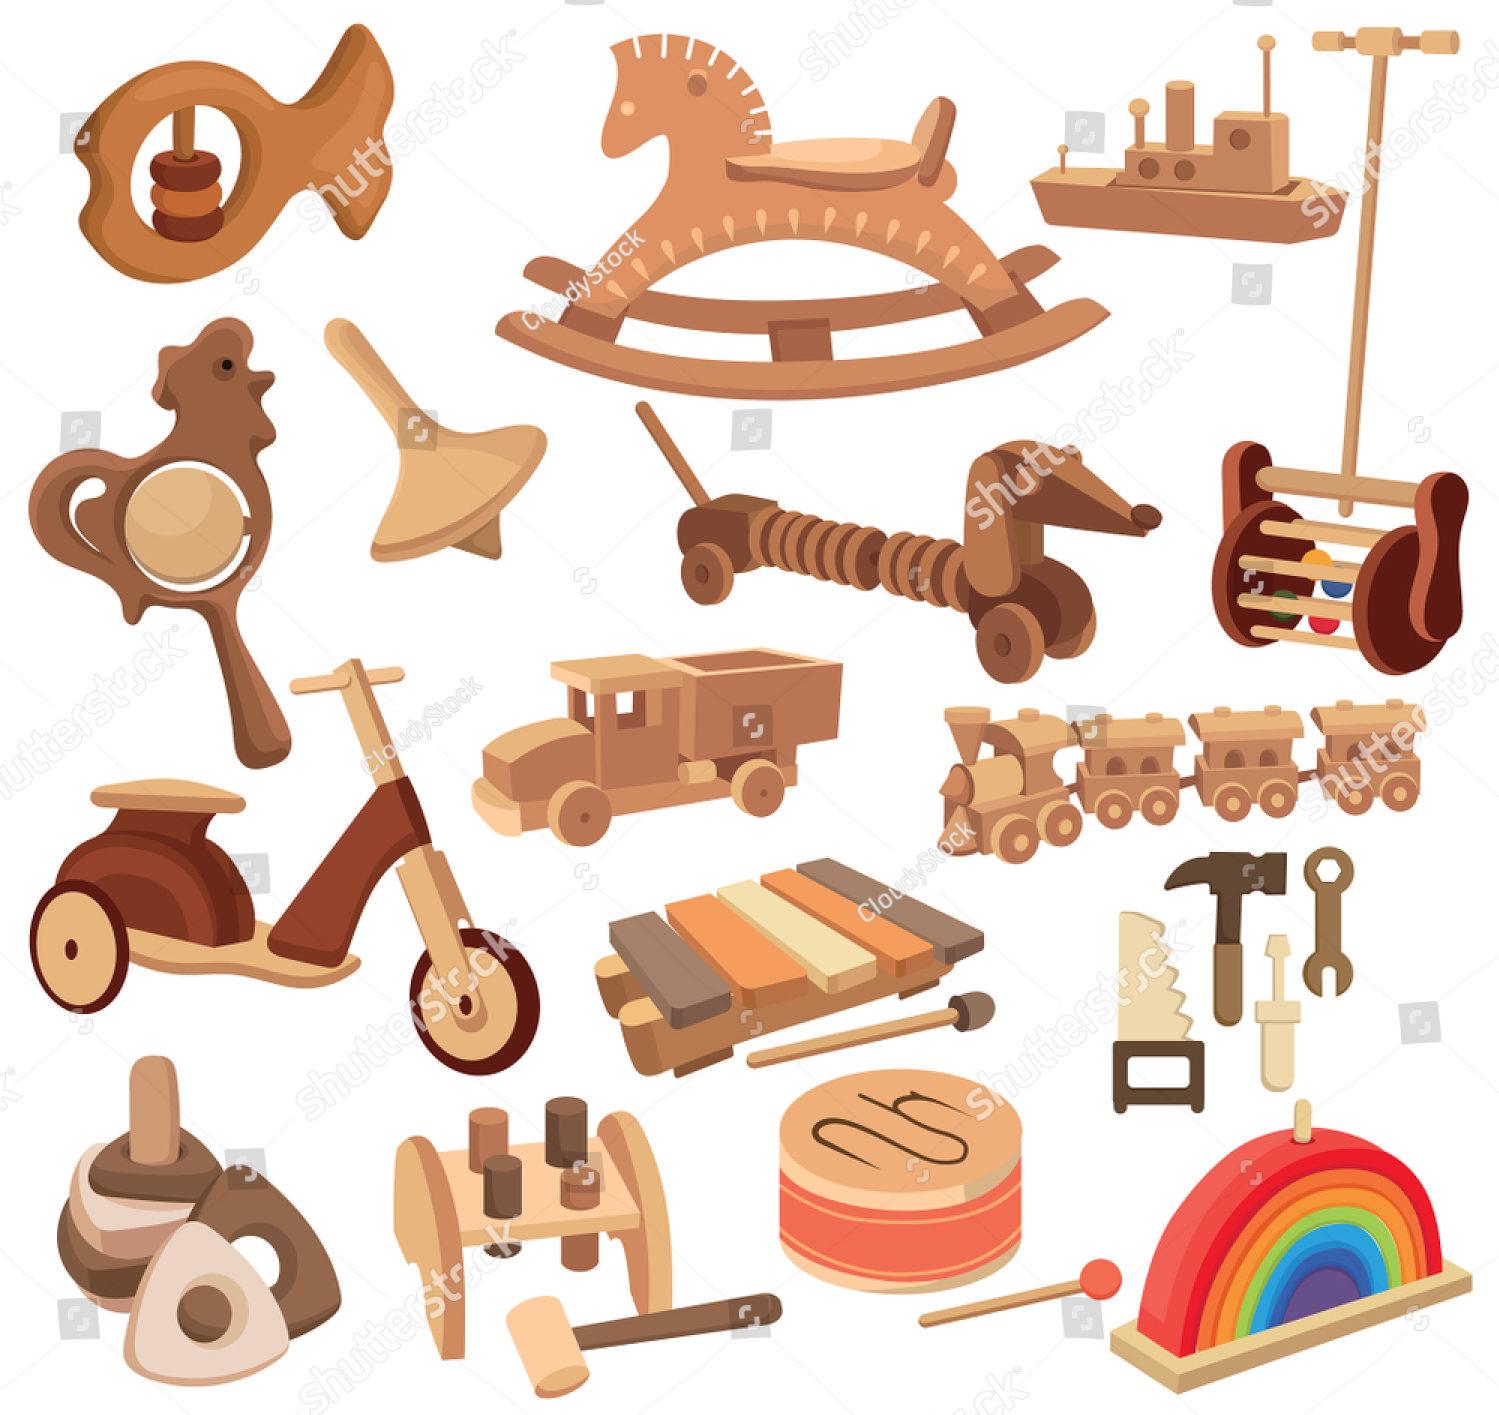 Các mẫu đồ chơi gỗ